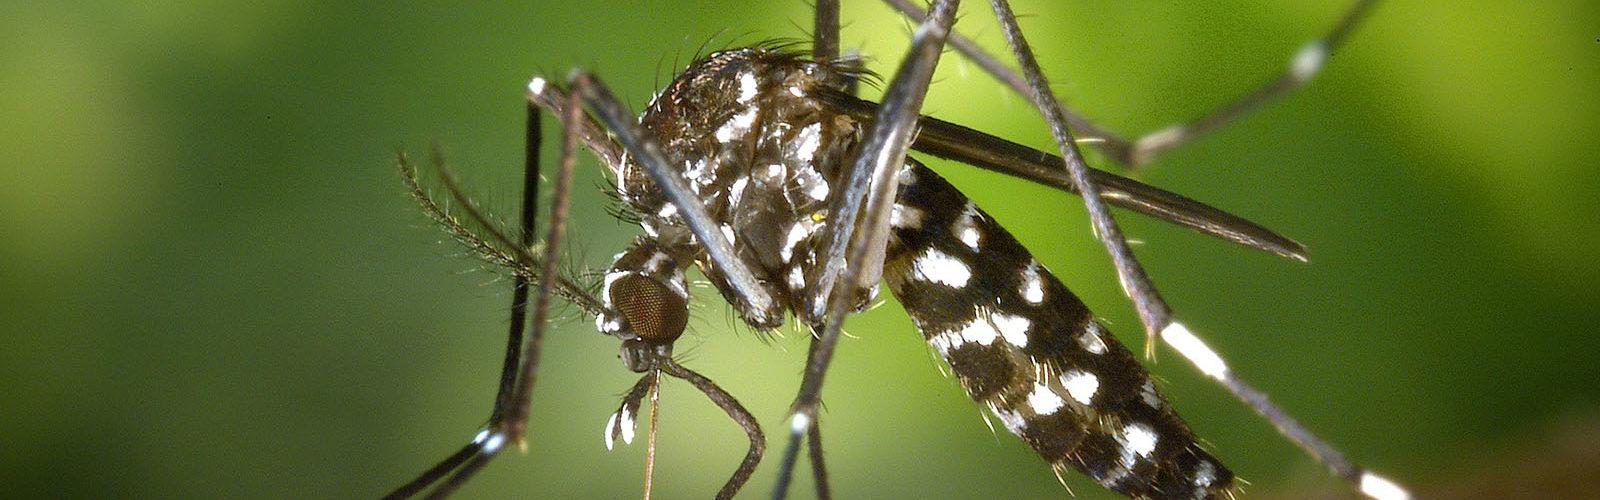 moustiques-ete-floride-everglades-miami-une